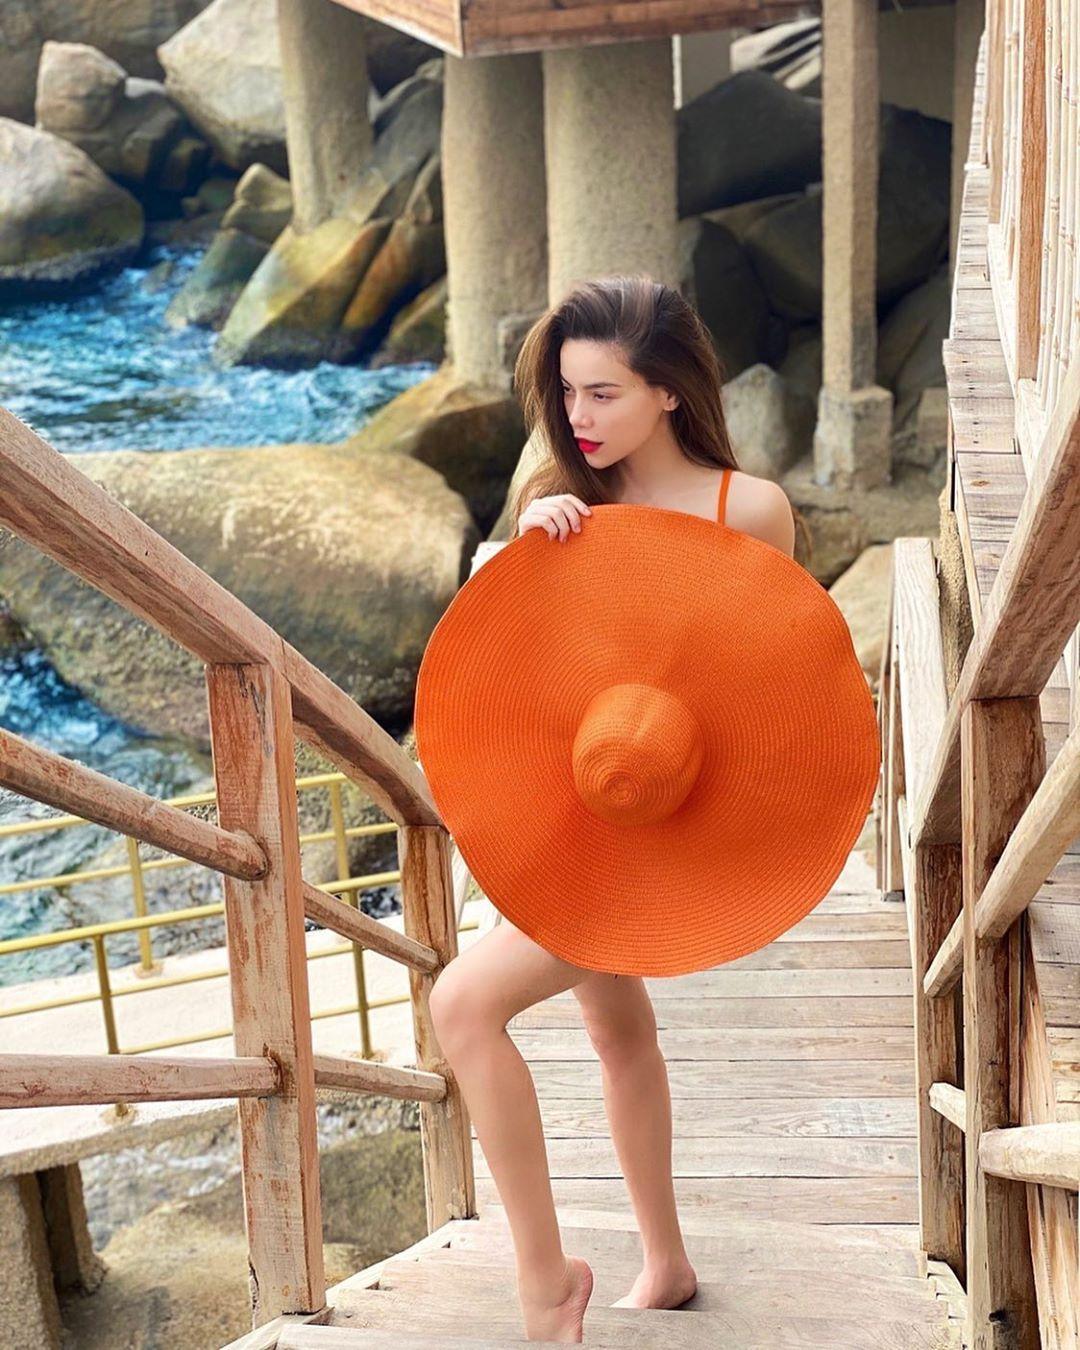 Hồ Ngọc Hà tự tin thả dáng với bikini, khoe body nuột nà giữa tin đồn mang thai đôi